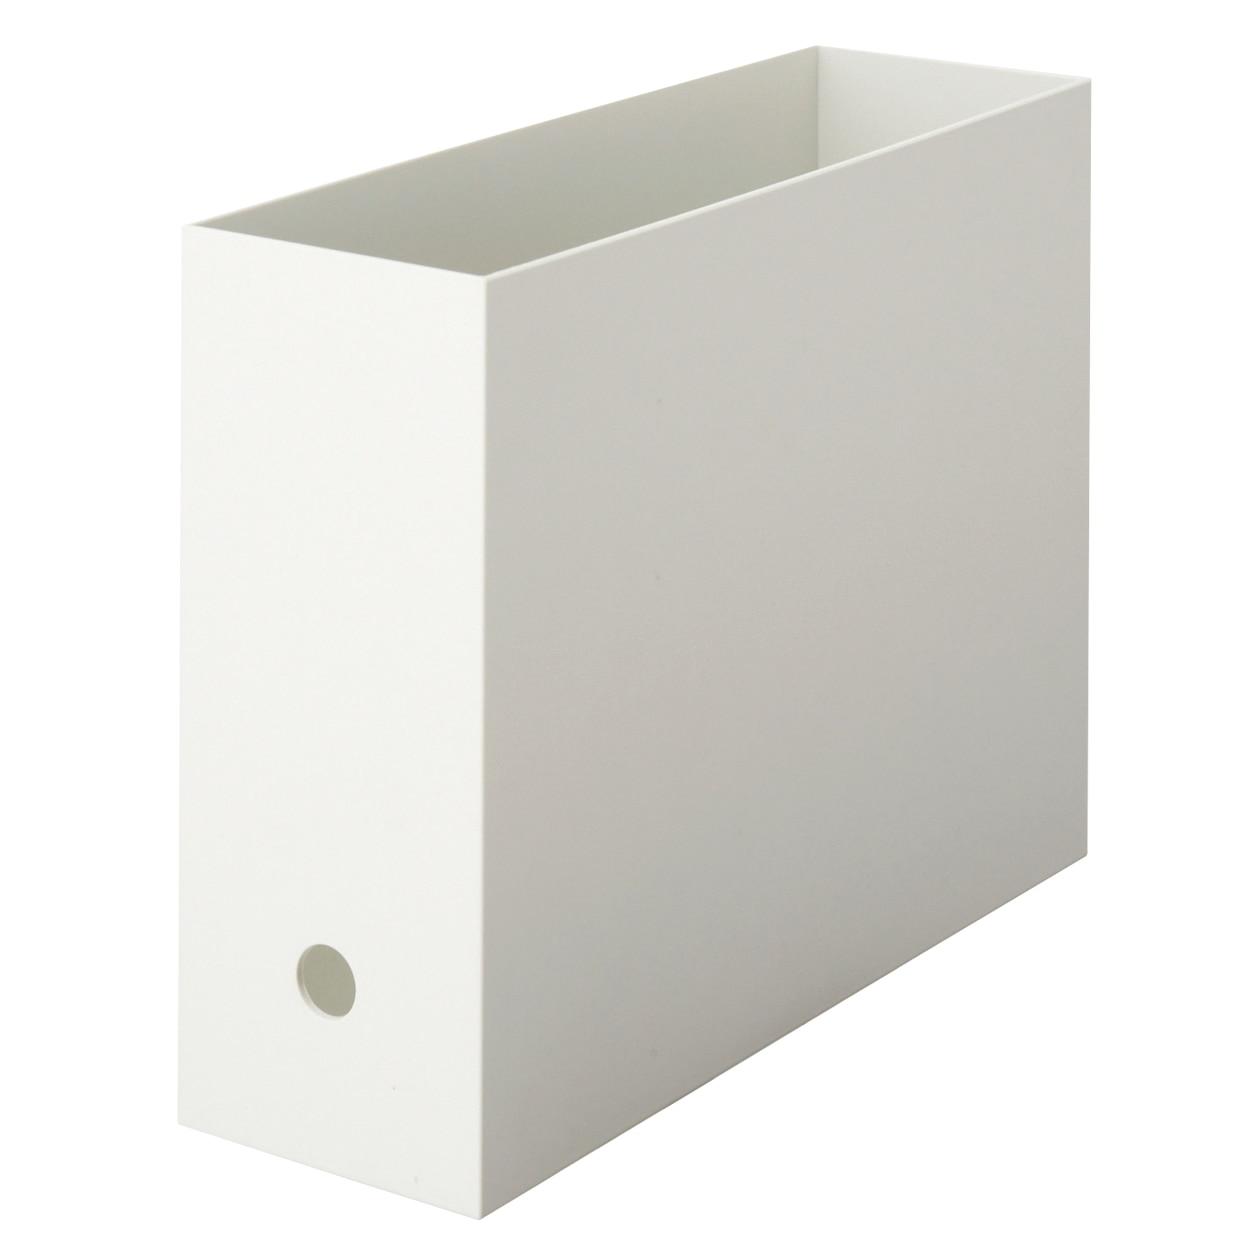 RoomClip商品情報 - 【まとめ買い】ポリプロピレンファイルボックス・スタンダードタイプ ホワイトグレー